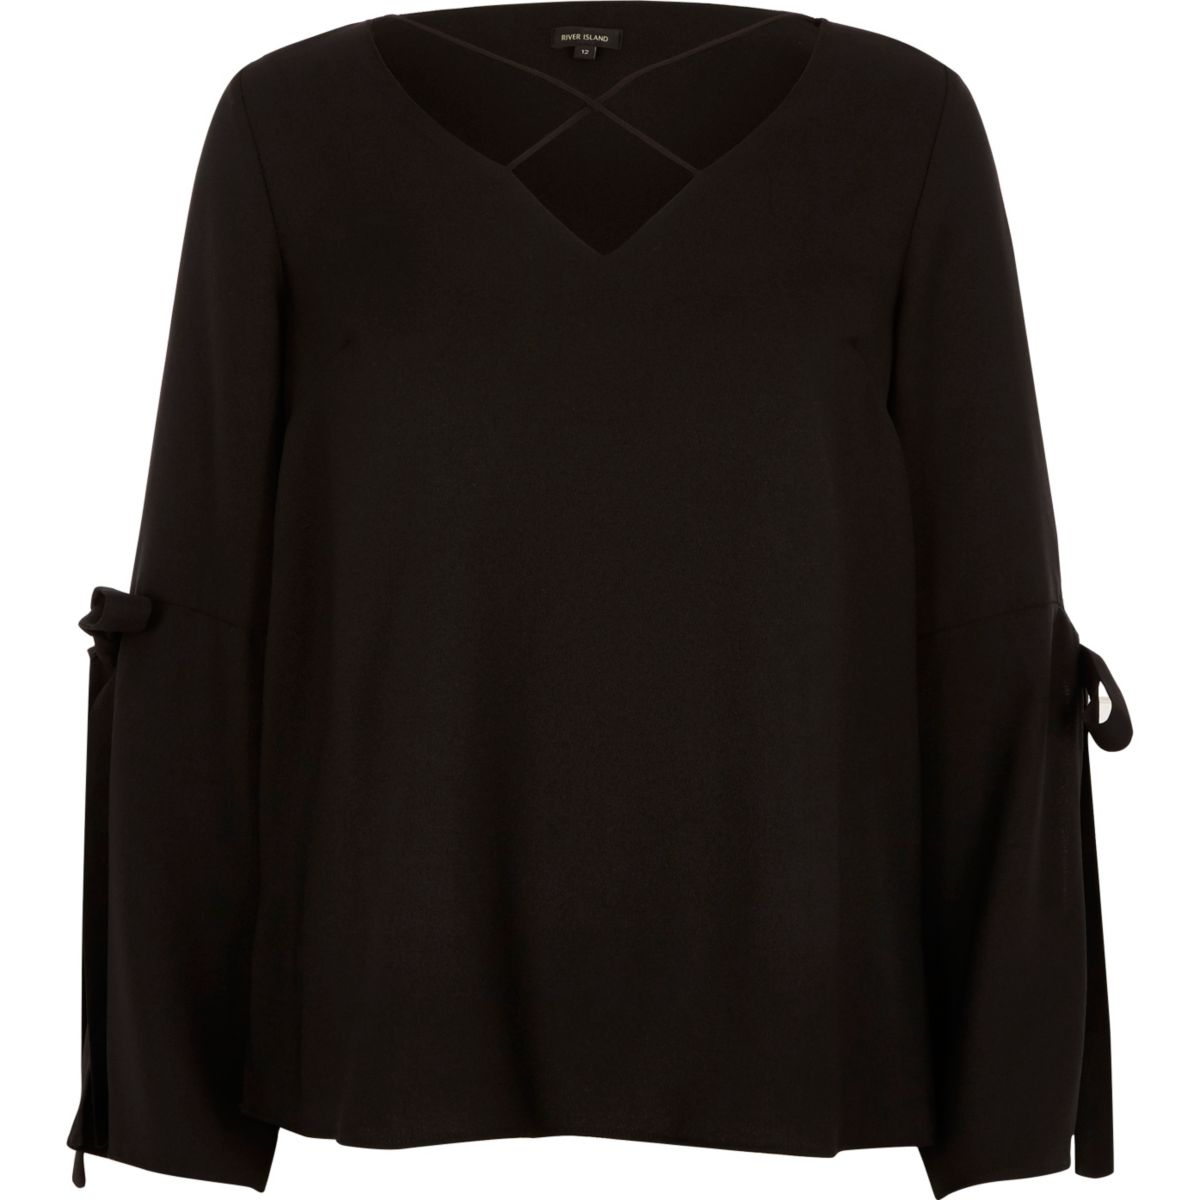 Schwarze Bluse mit geschlitztem Ärmel